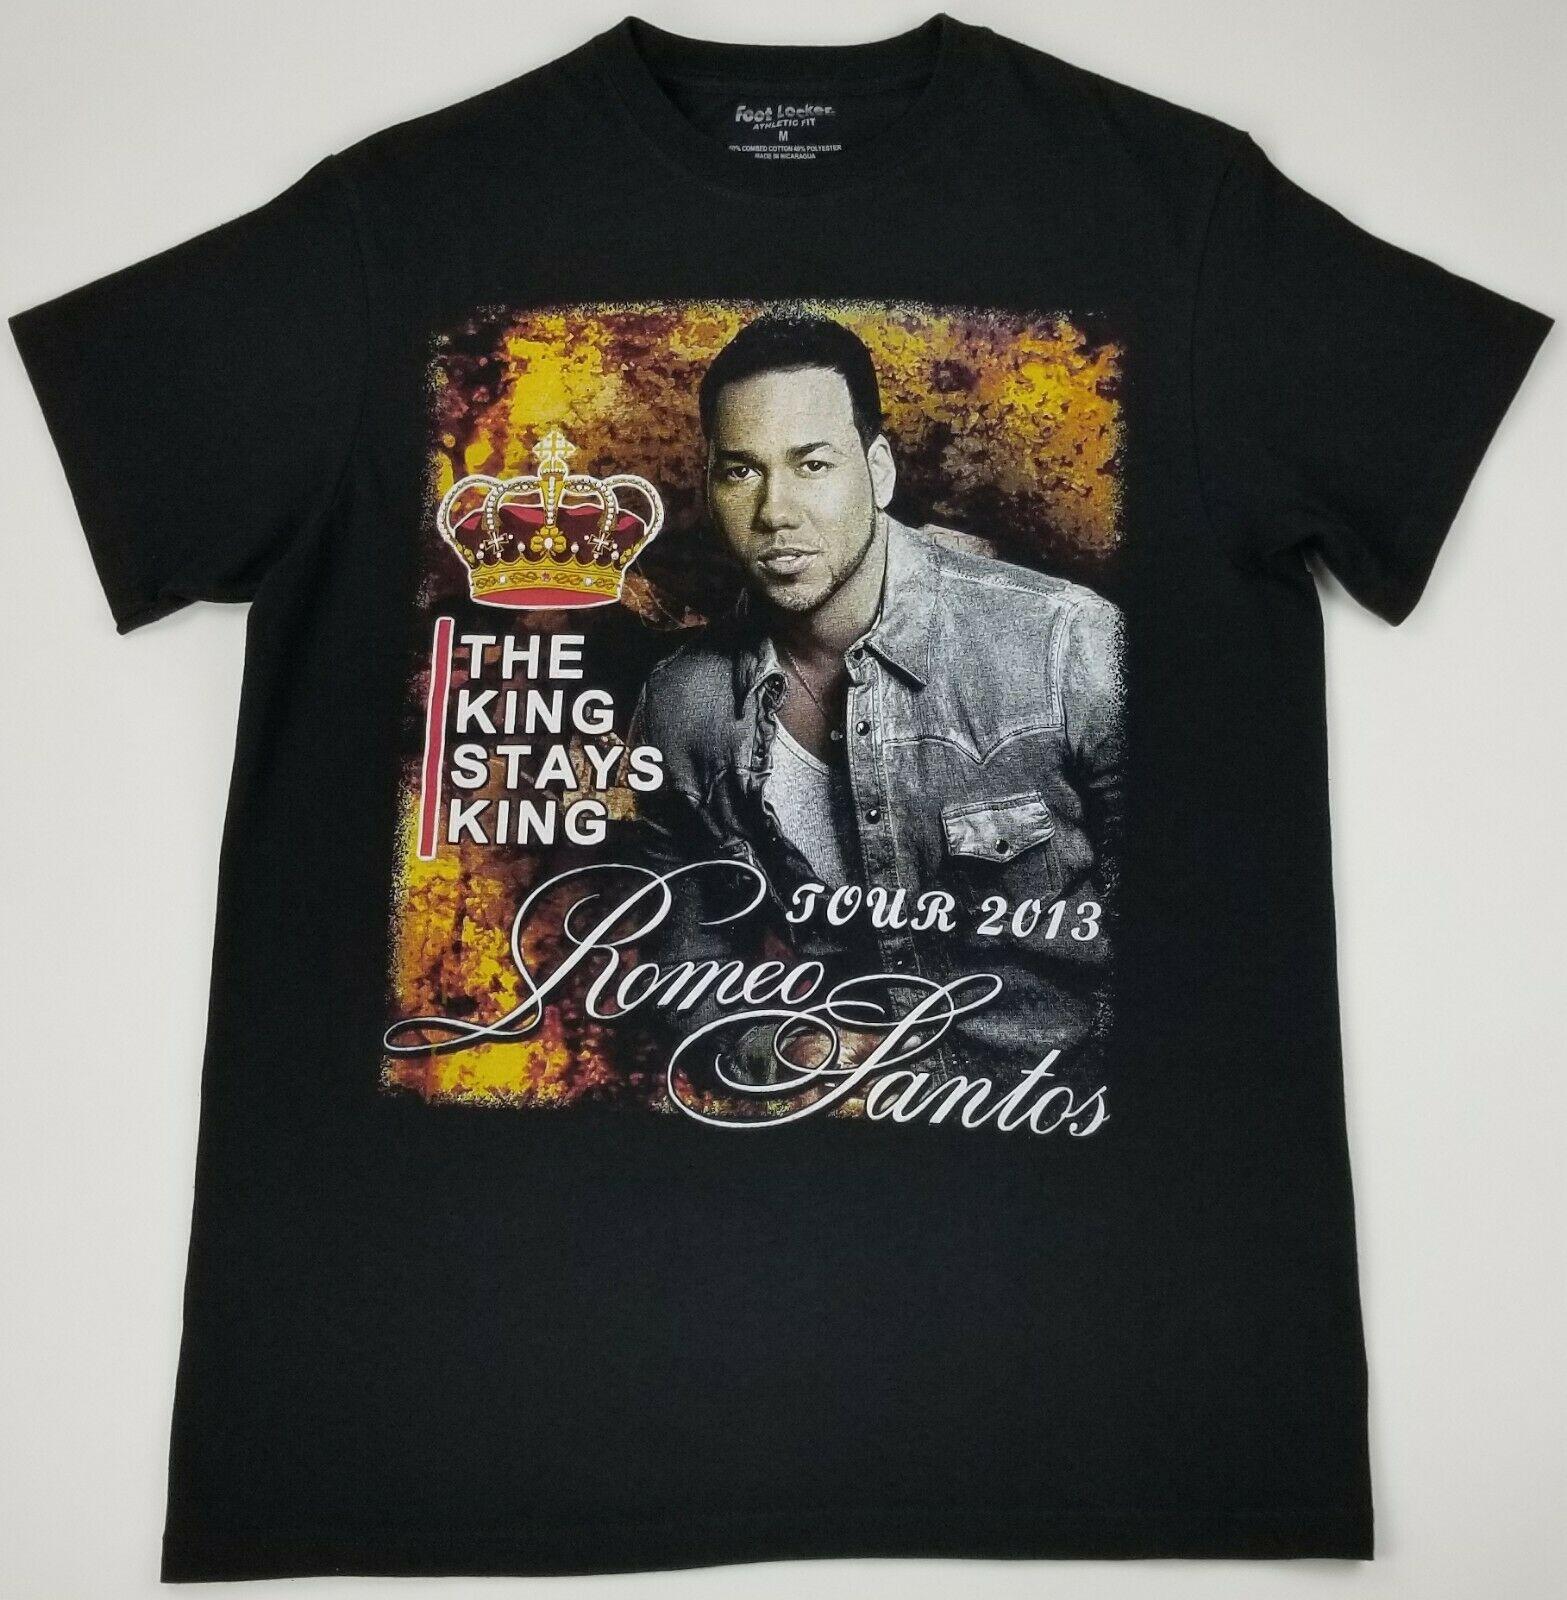 VTG Romeo Santos el rey se mantiene King Tour parte delantera trasera estacionamiento Bootleg camiseta de rap nueva moda camiseta estampado de letras camiseta